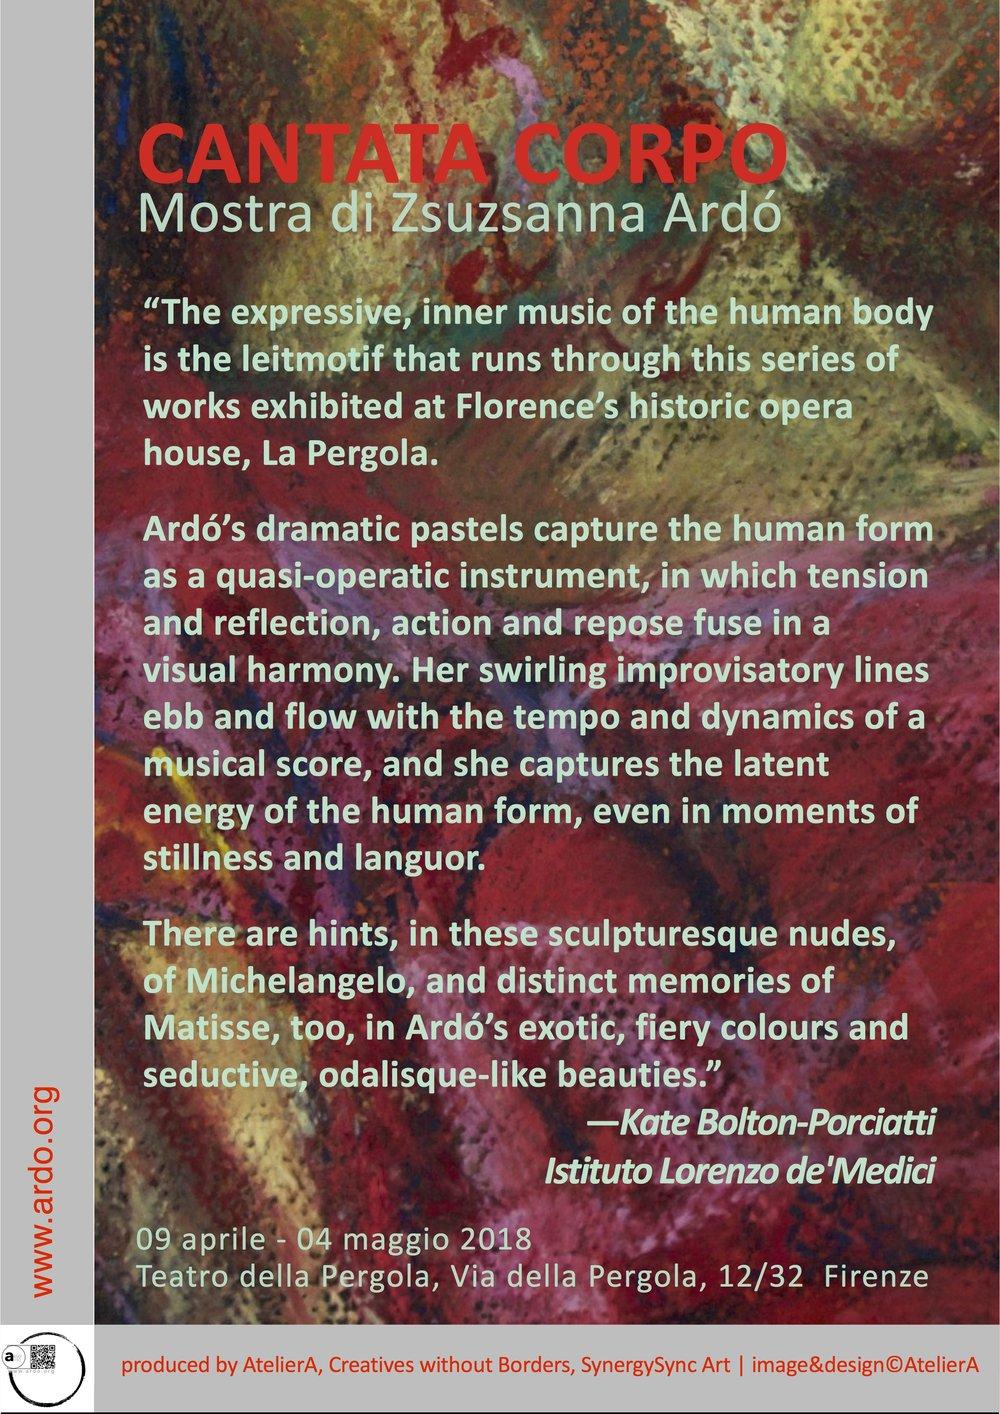 About Cantata Corpo Exhibition by Zsuzsanna Ardó